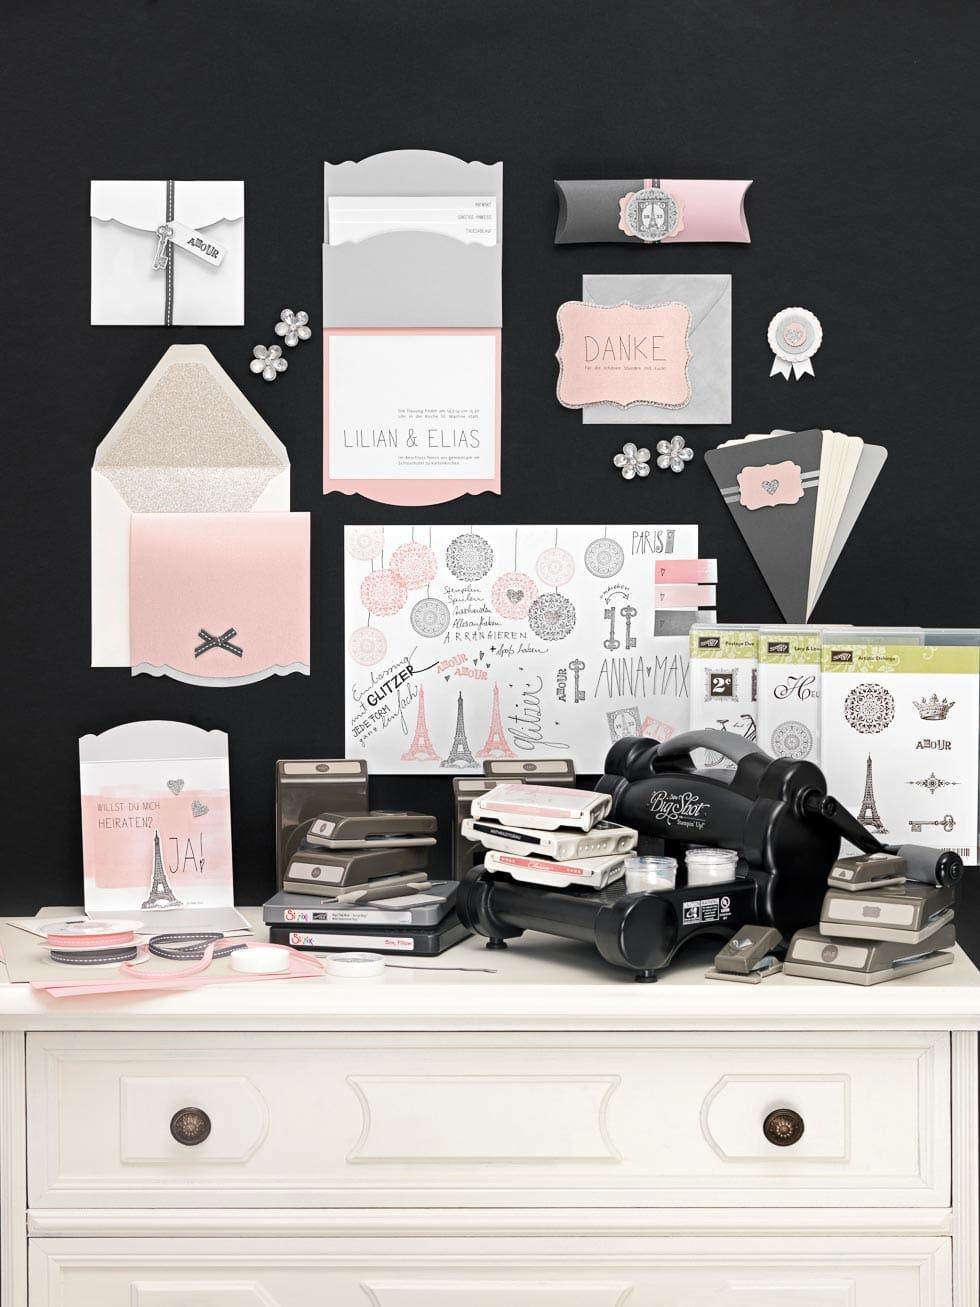 stimmungsboard so stellt ihr alle hochzeitsdetails. Black Bedroom Furniture Sets. Home Design Ideas